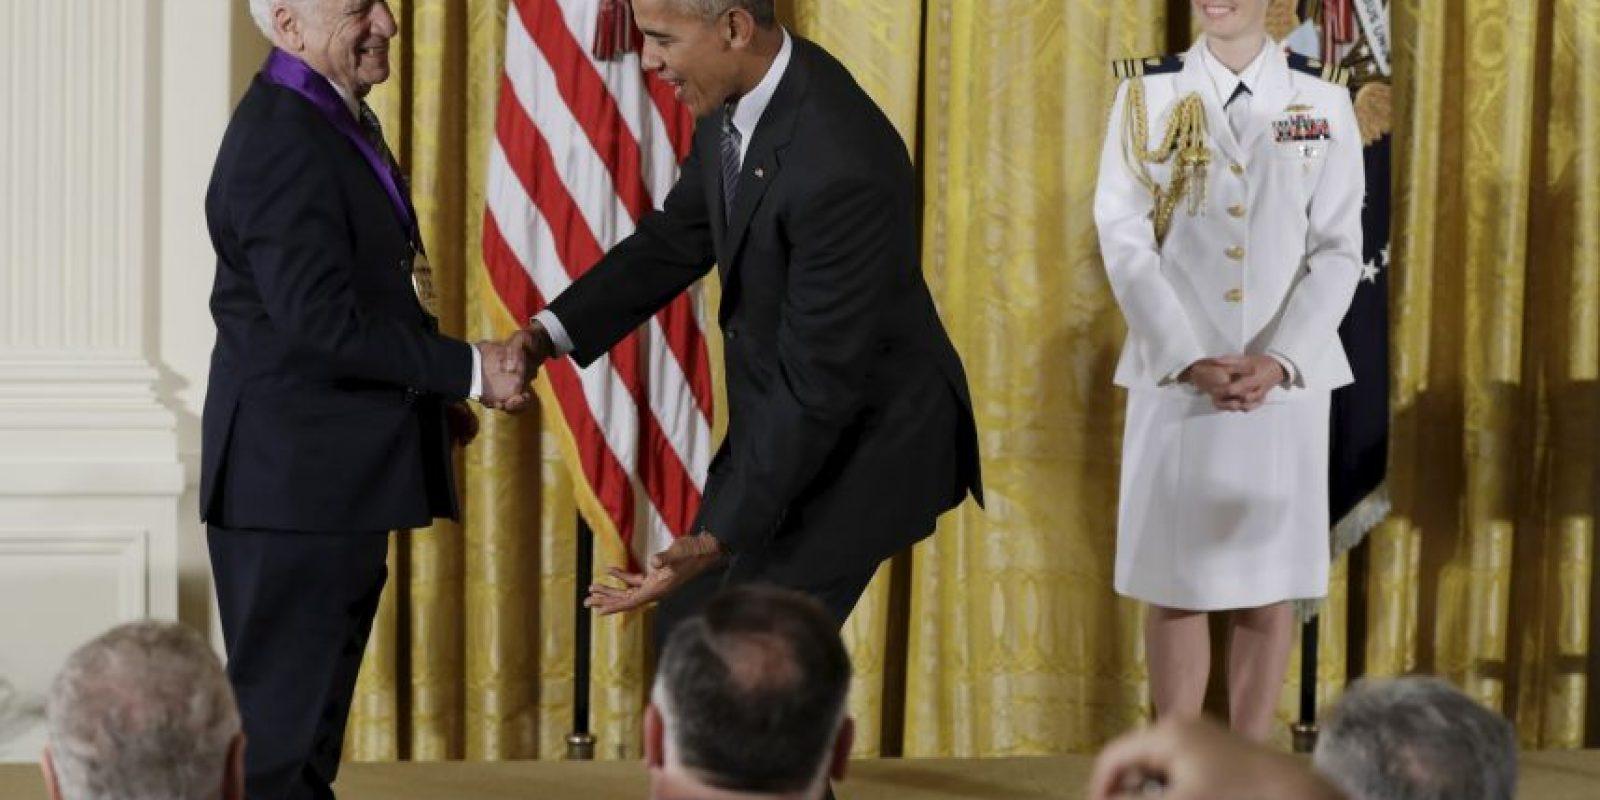 Ambos terminaron compartiendo una carcajada Foto:AP